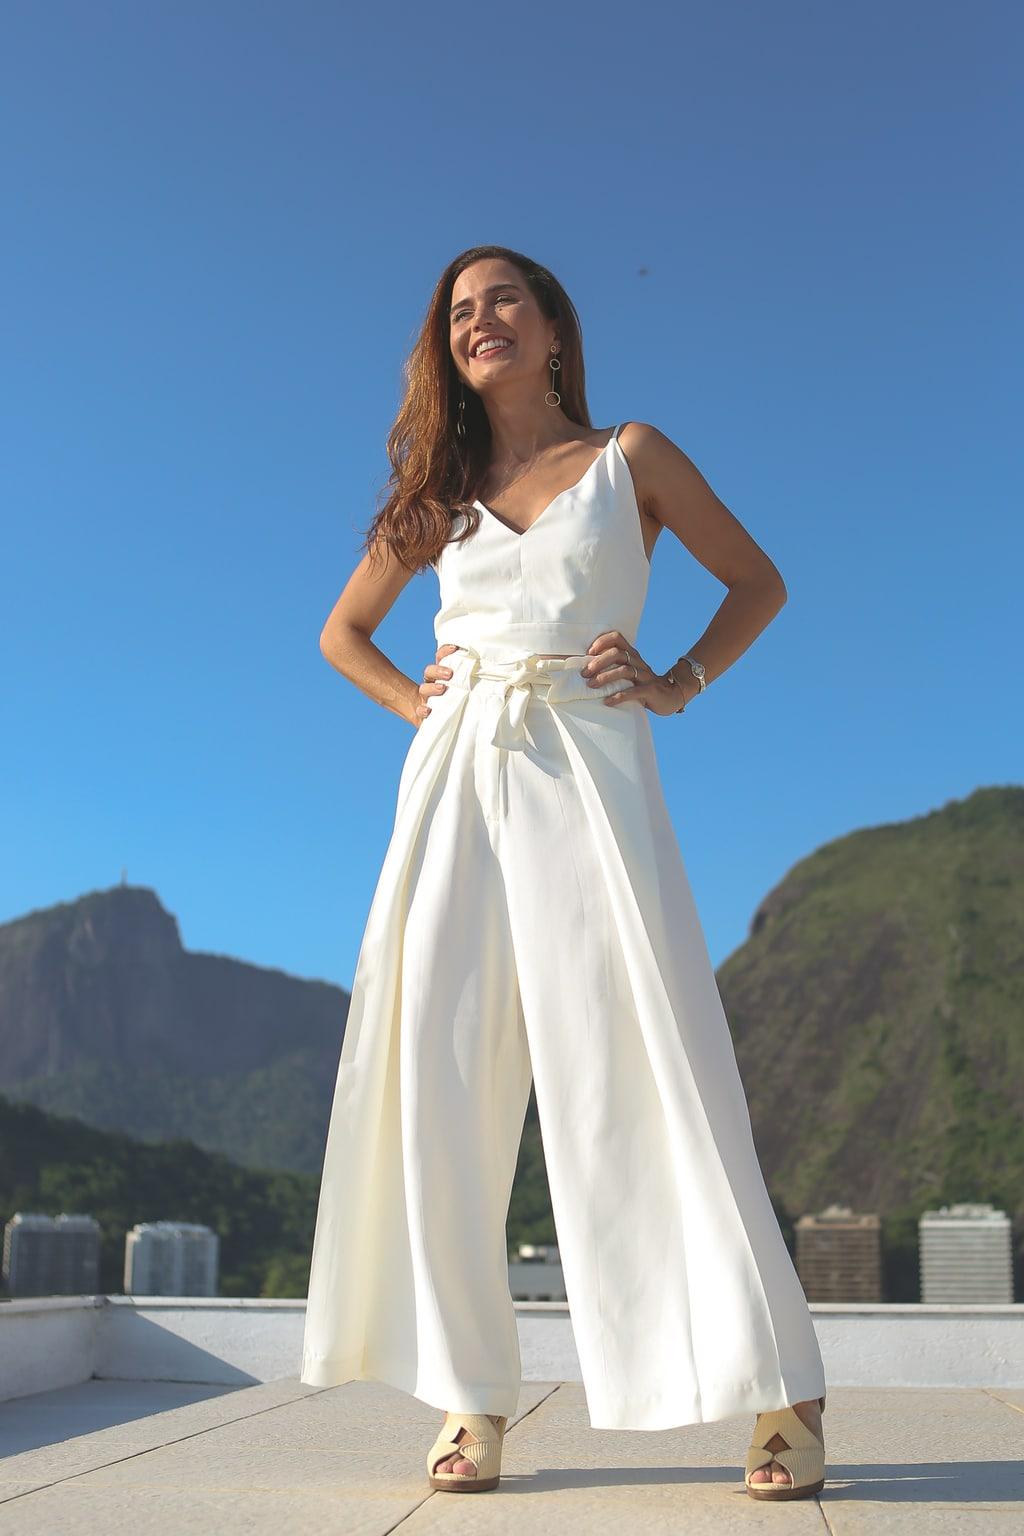 vestidos-ano-novo-reveillon-vestido-de-festa-julia-golldenzon-4